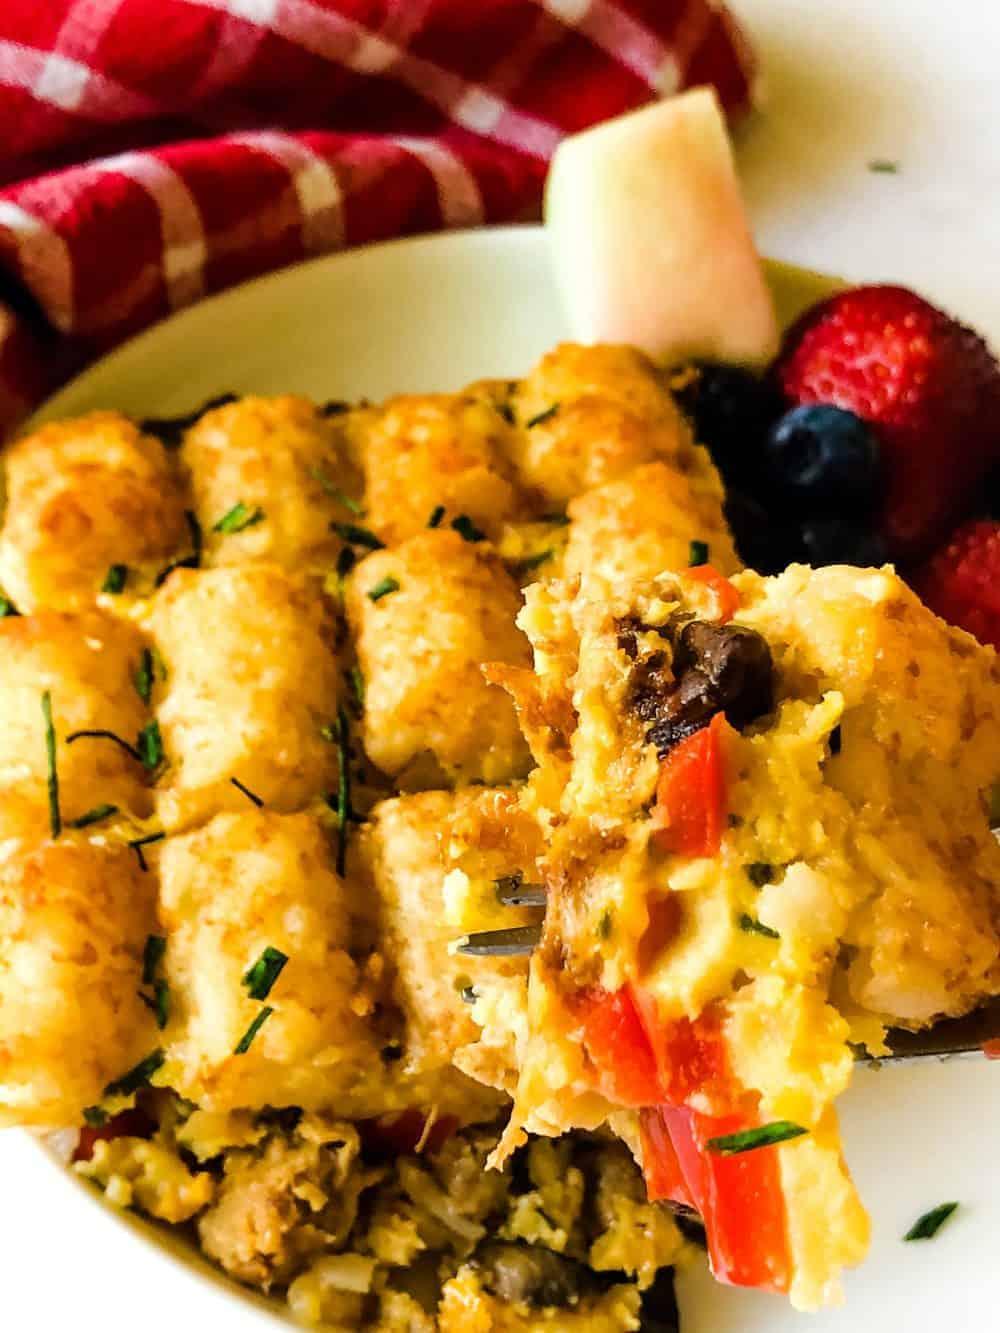 tater tot breakfast casserole on plate